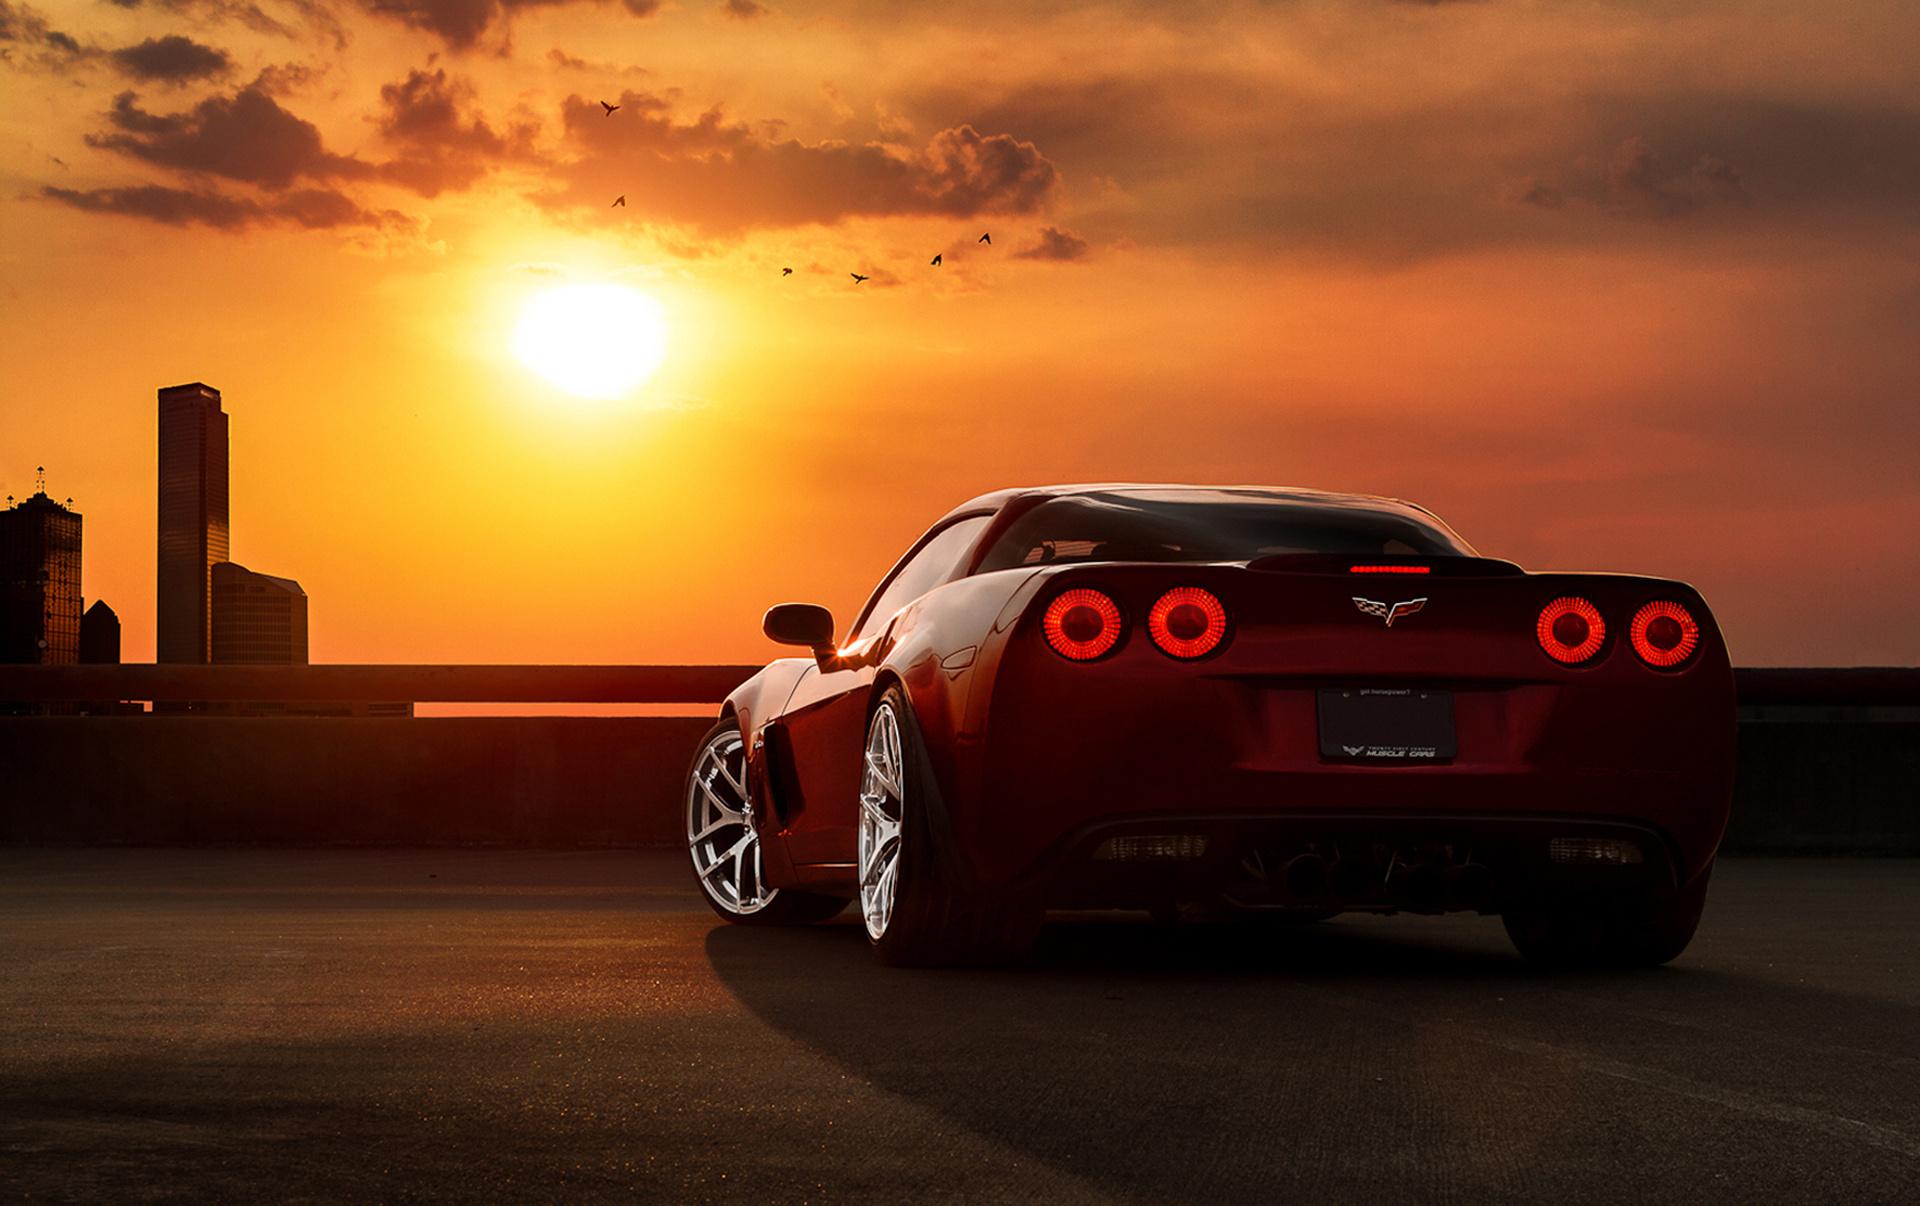 Chevrolet Corvette желтая дорога закат без смс